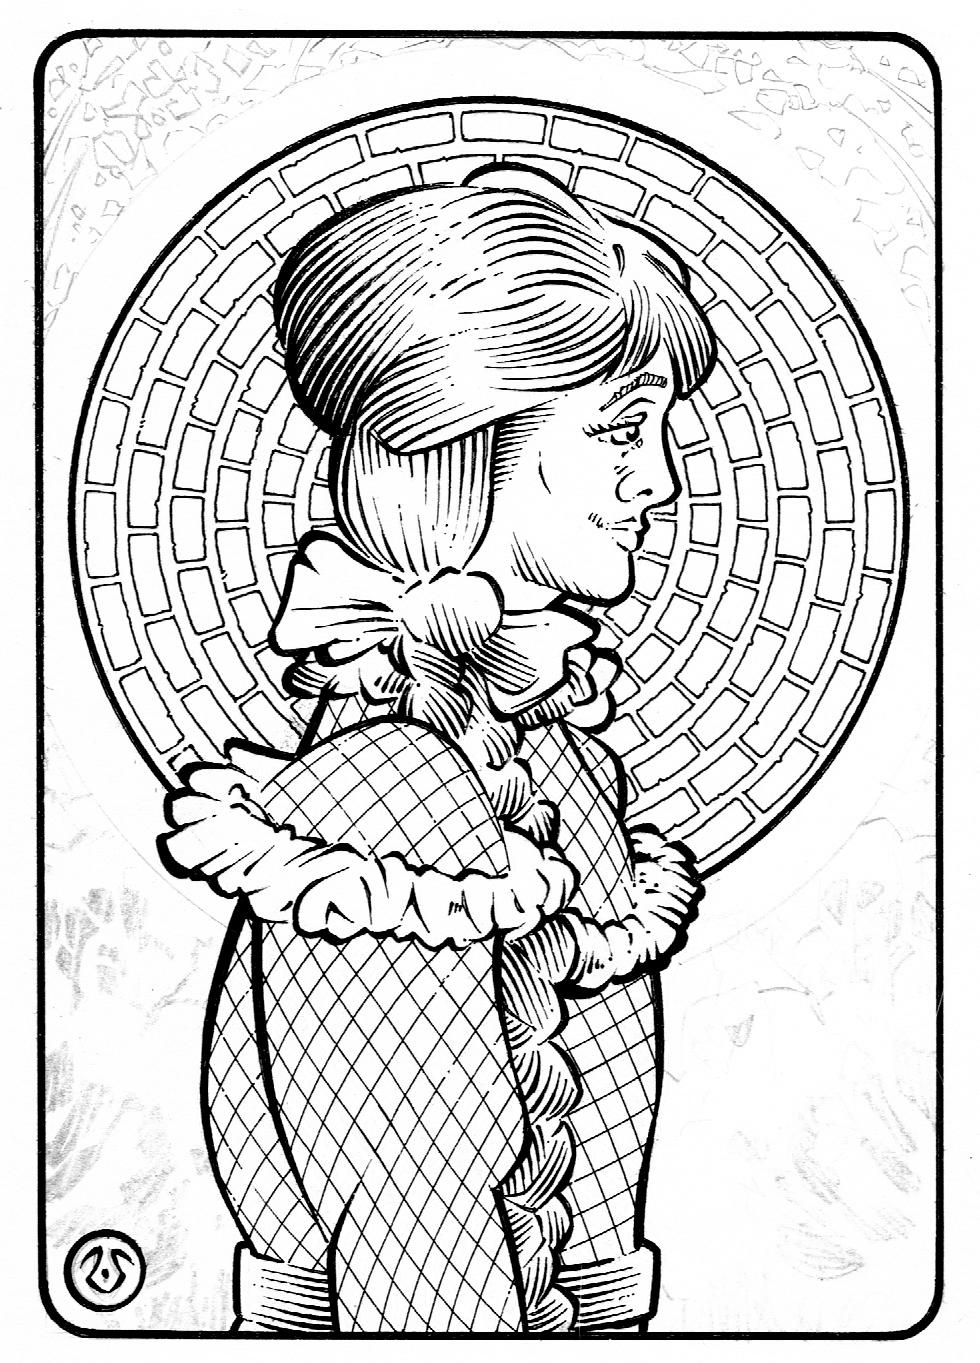 Dorothyinked.jpg